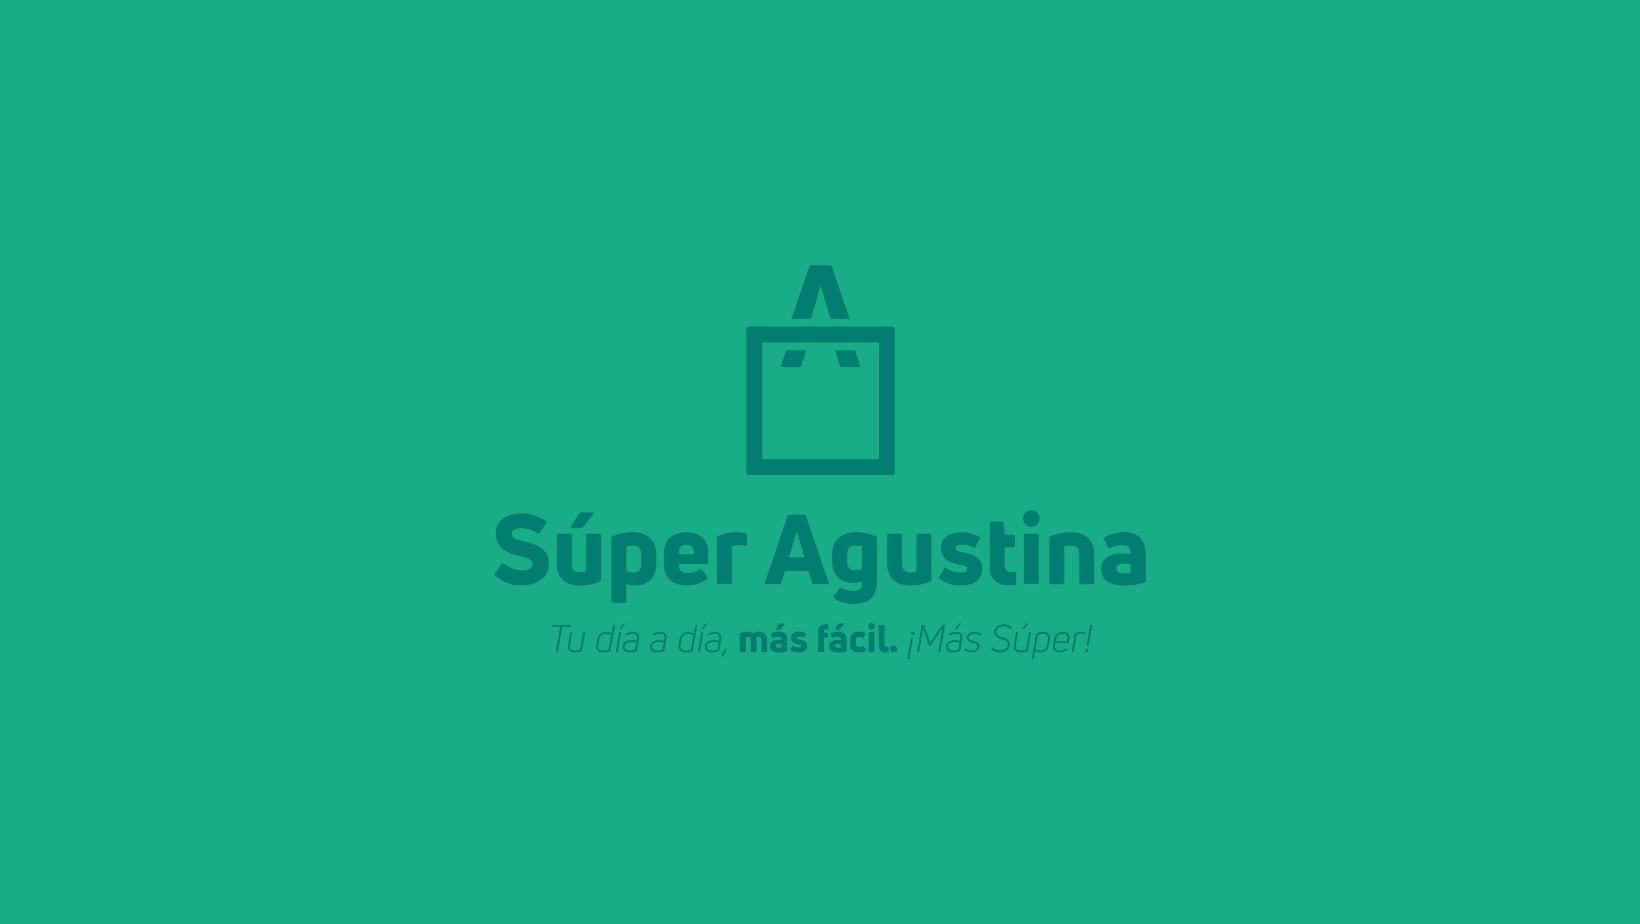 Super Agustina